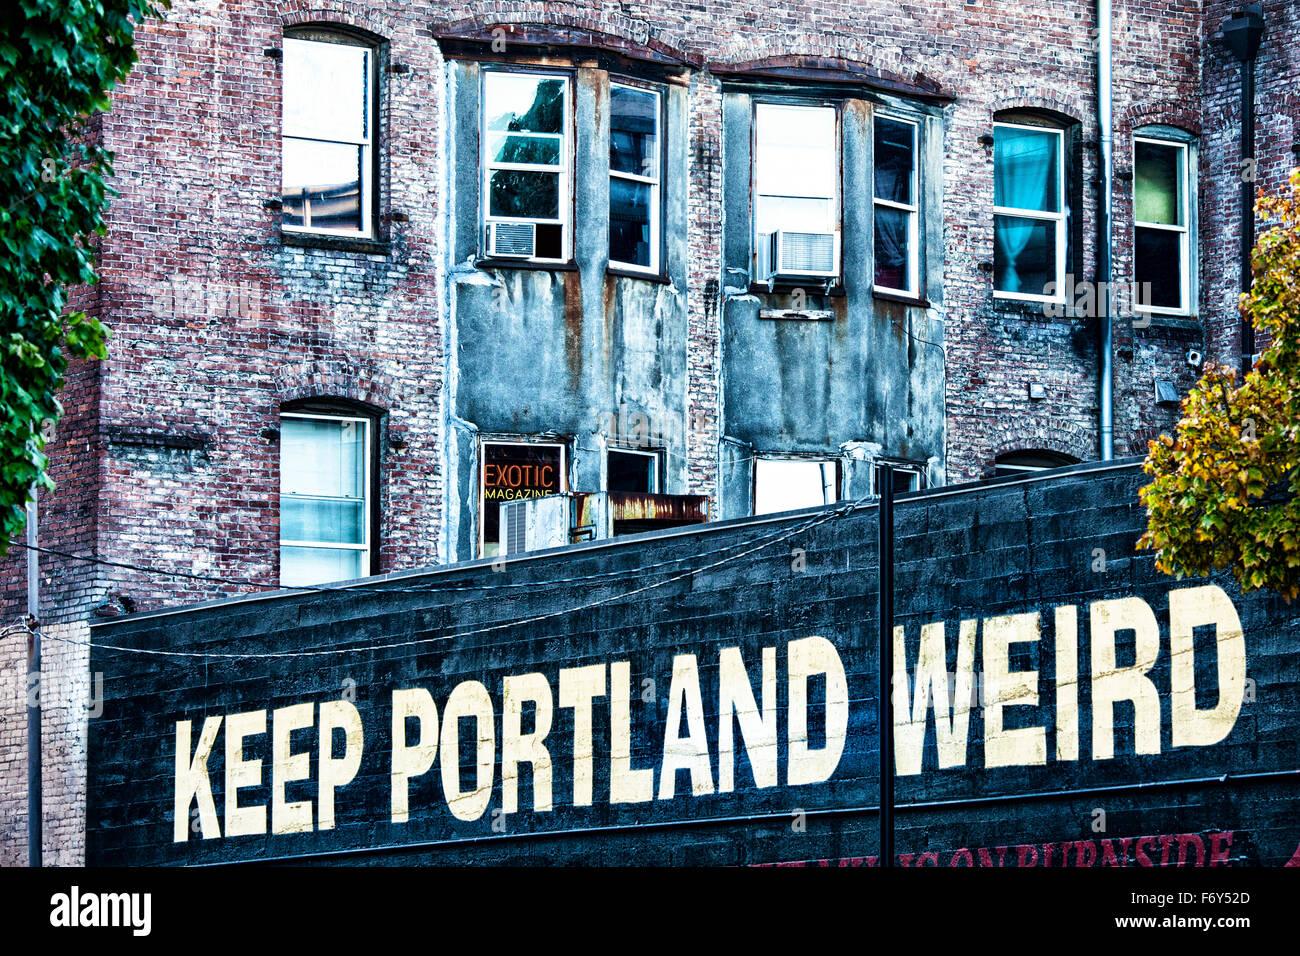 Un signe déclare le souhait de beaucoup portlanders à garder leur ville unique à Portland, Oregon. Photo Stock